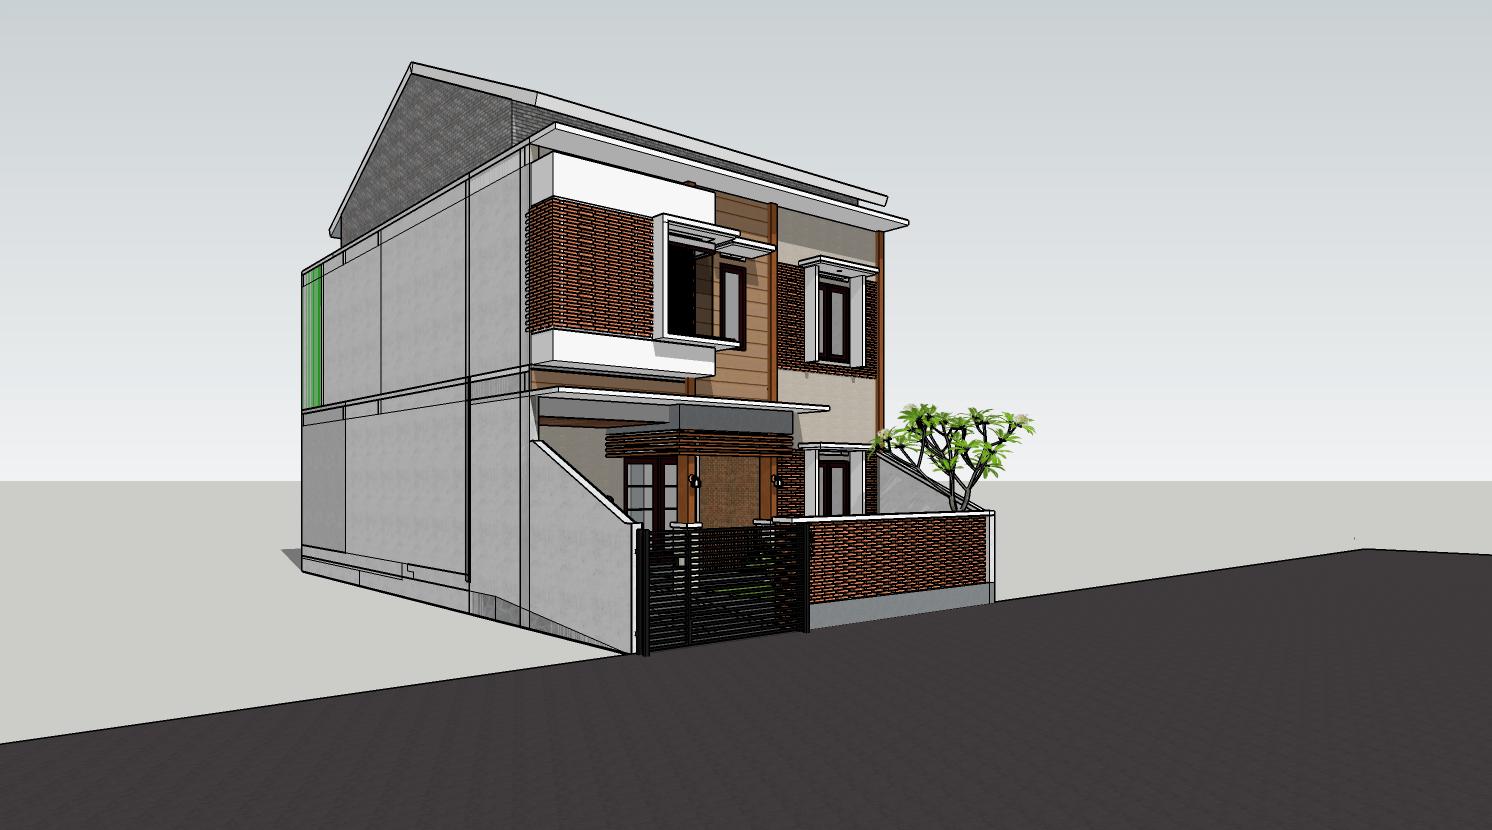 Mth29 Design [Design] Dr House - Bogor Bogor, Jawa Barat, Indonesia Bogor, Jawa Barat, Indonesia Mth29-Design-Dr-House-Bogor Tropical <P>Ini Merupakan 3D Eeksterior Rumah, Menunjukkan Bentuk Bangunan Secara Keseluruhan.</p> 109376